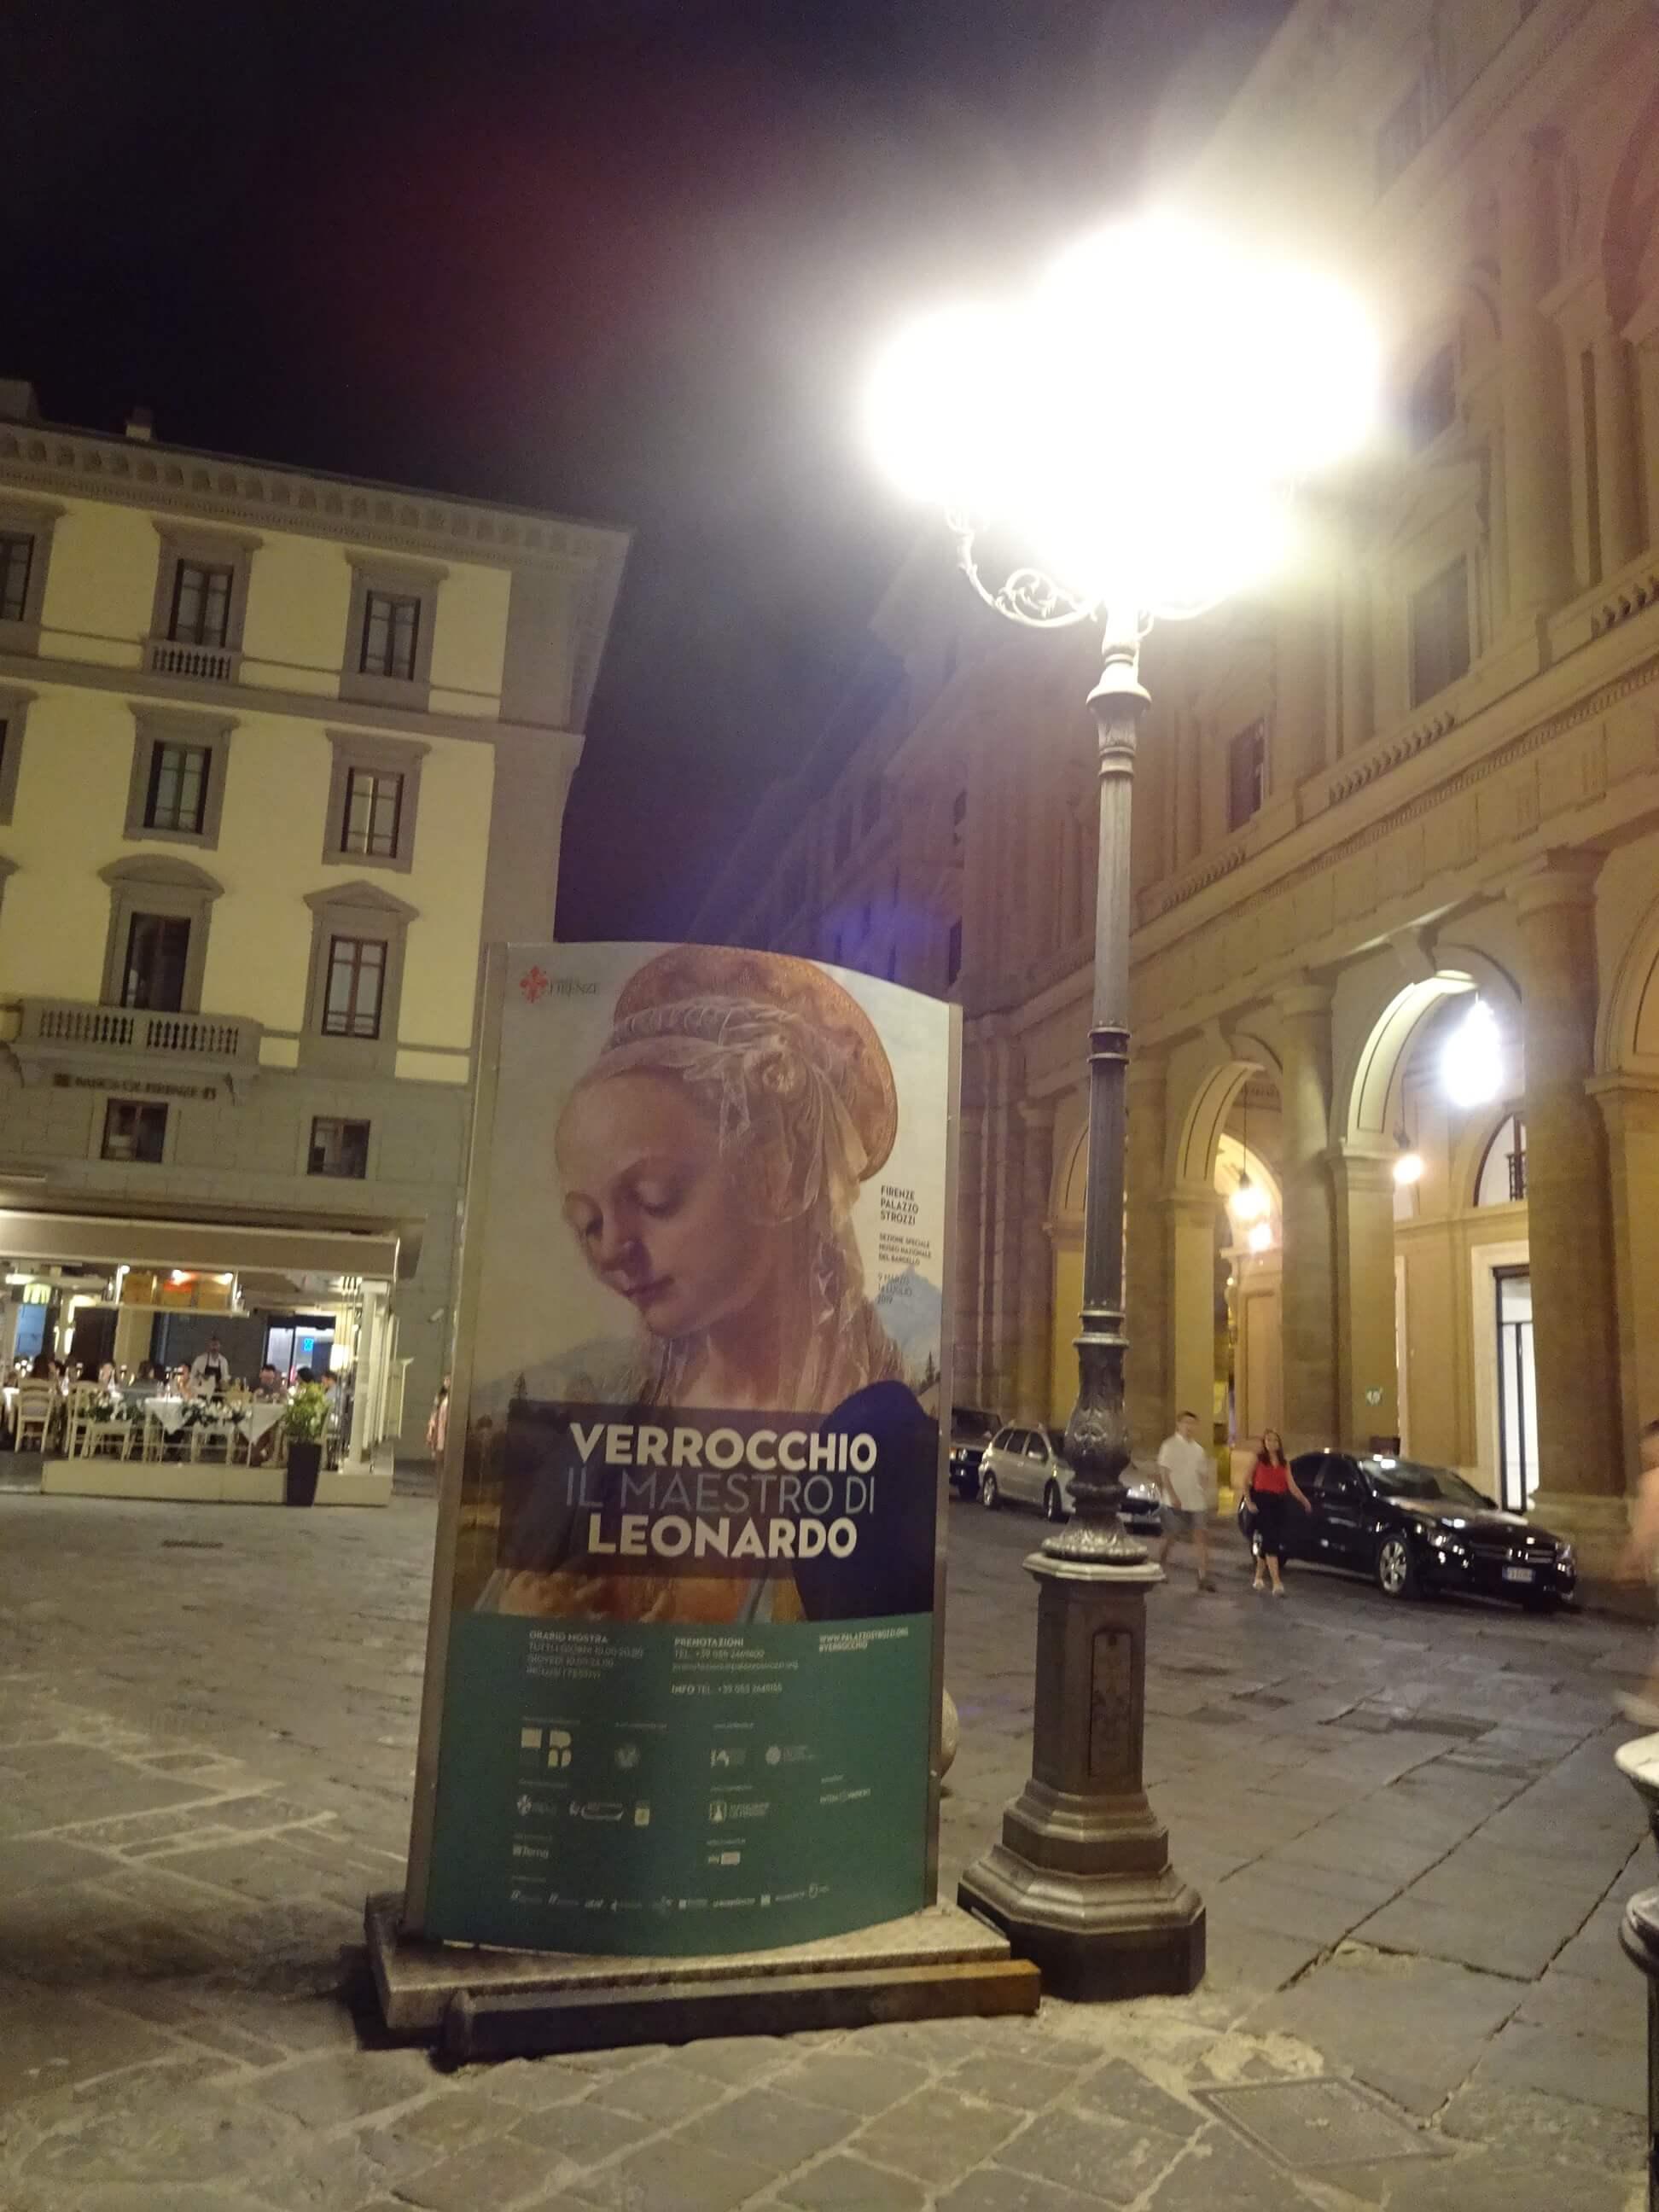 フィレンツェの夜の街並み 共和国広場